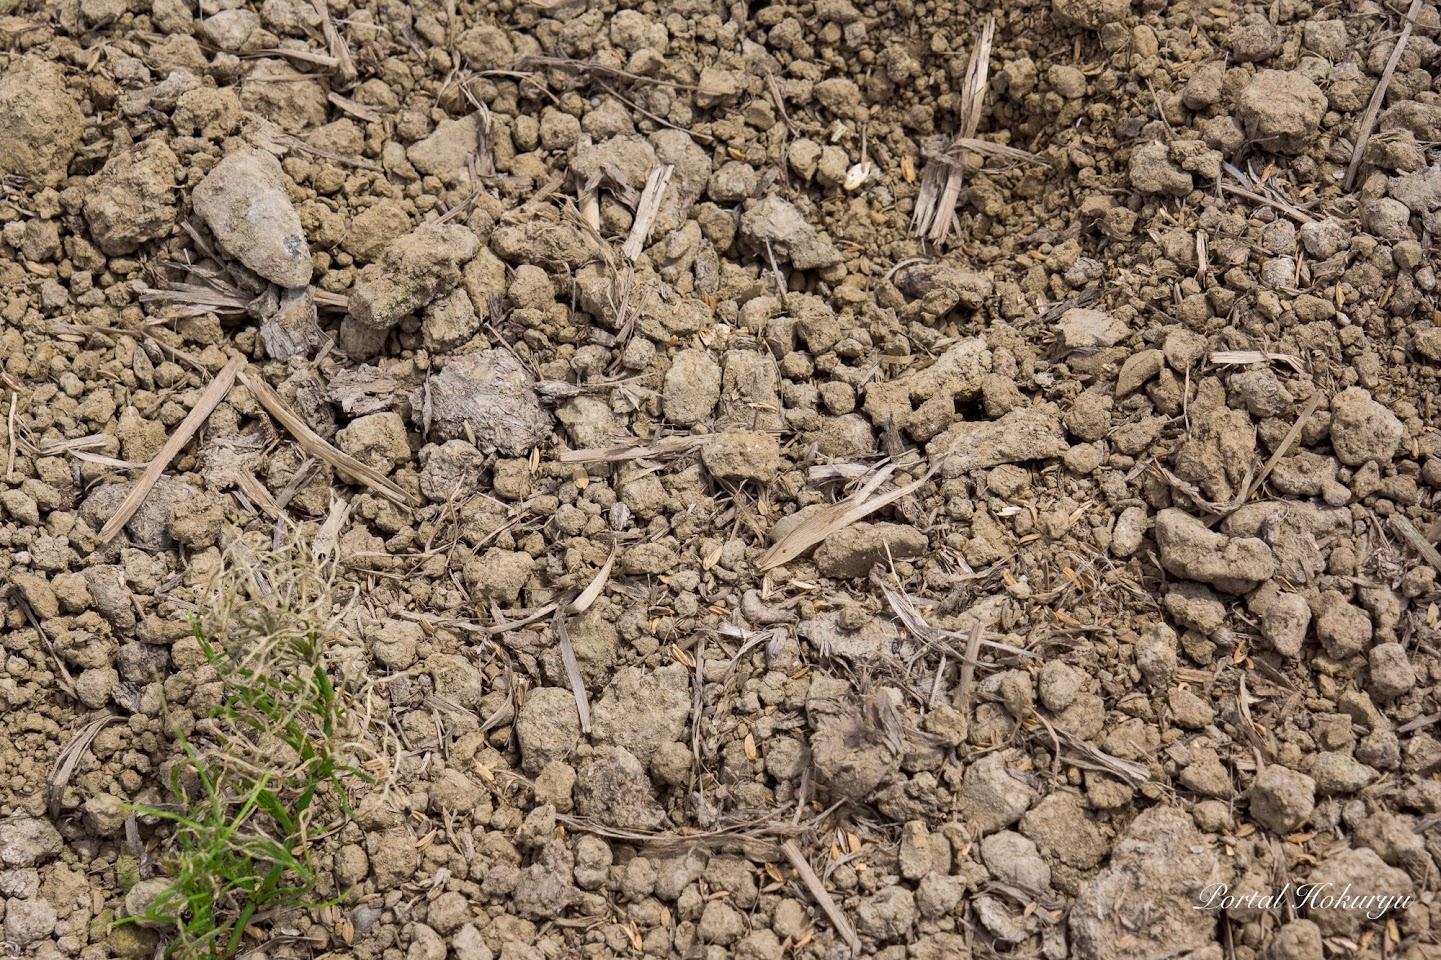 2017年に撒いたワラの堆肥が混じったハウスの土壌